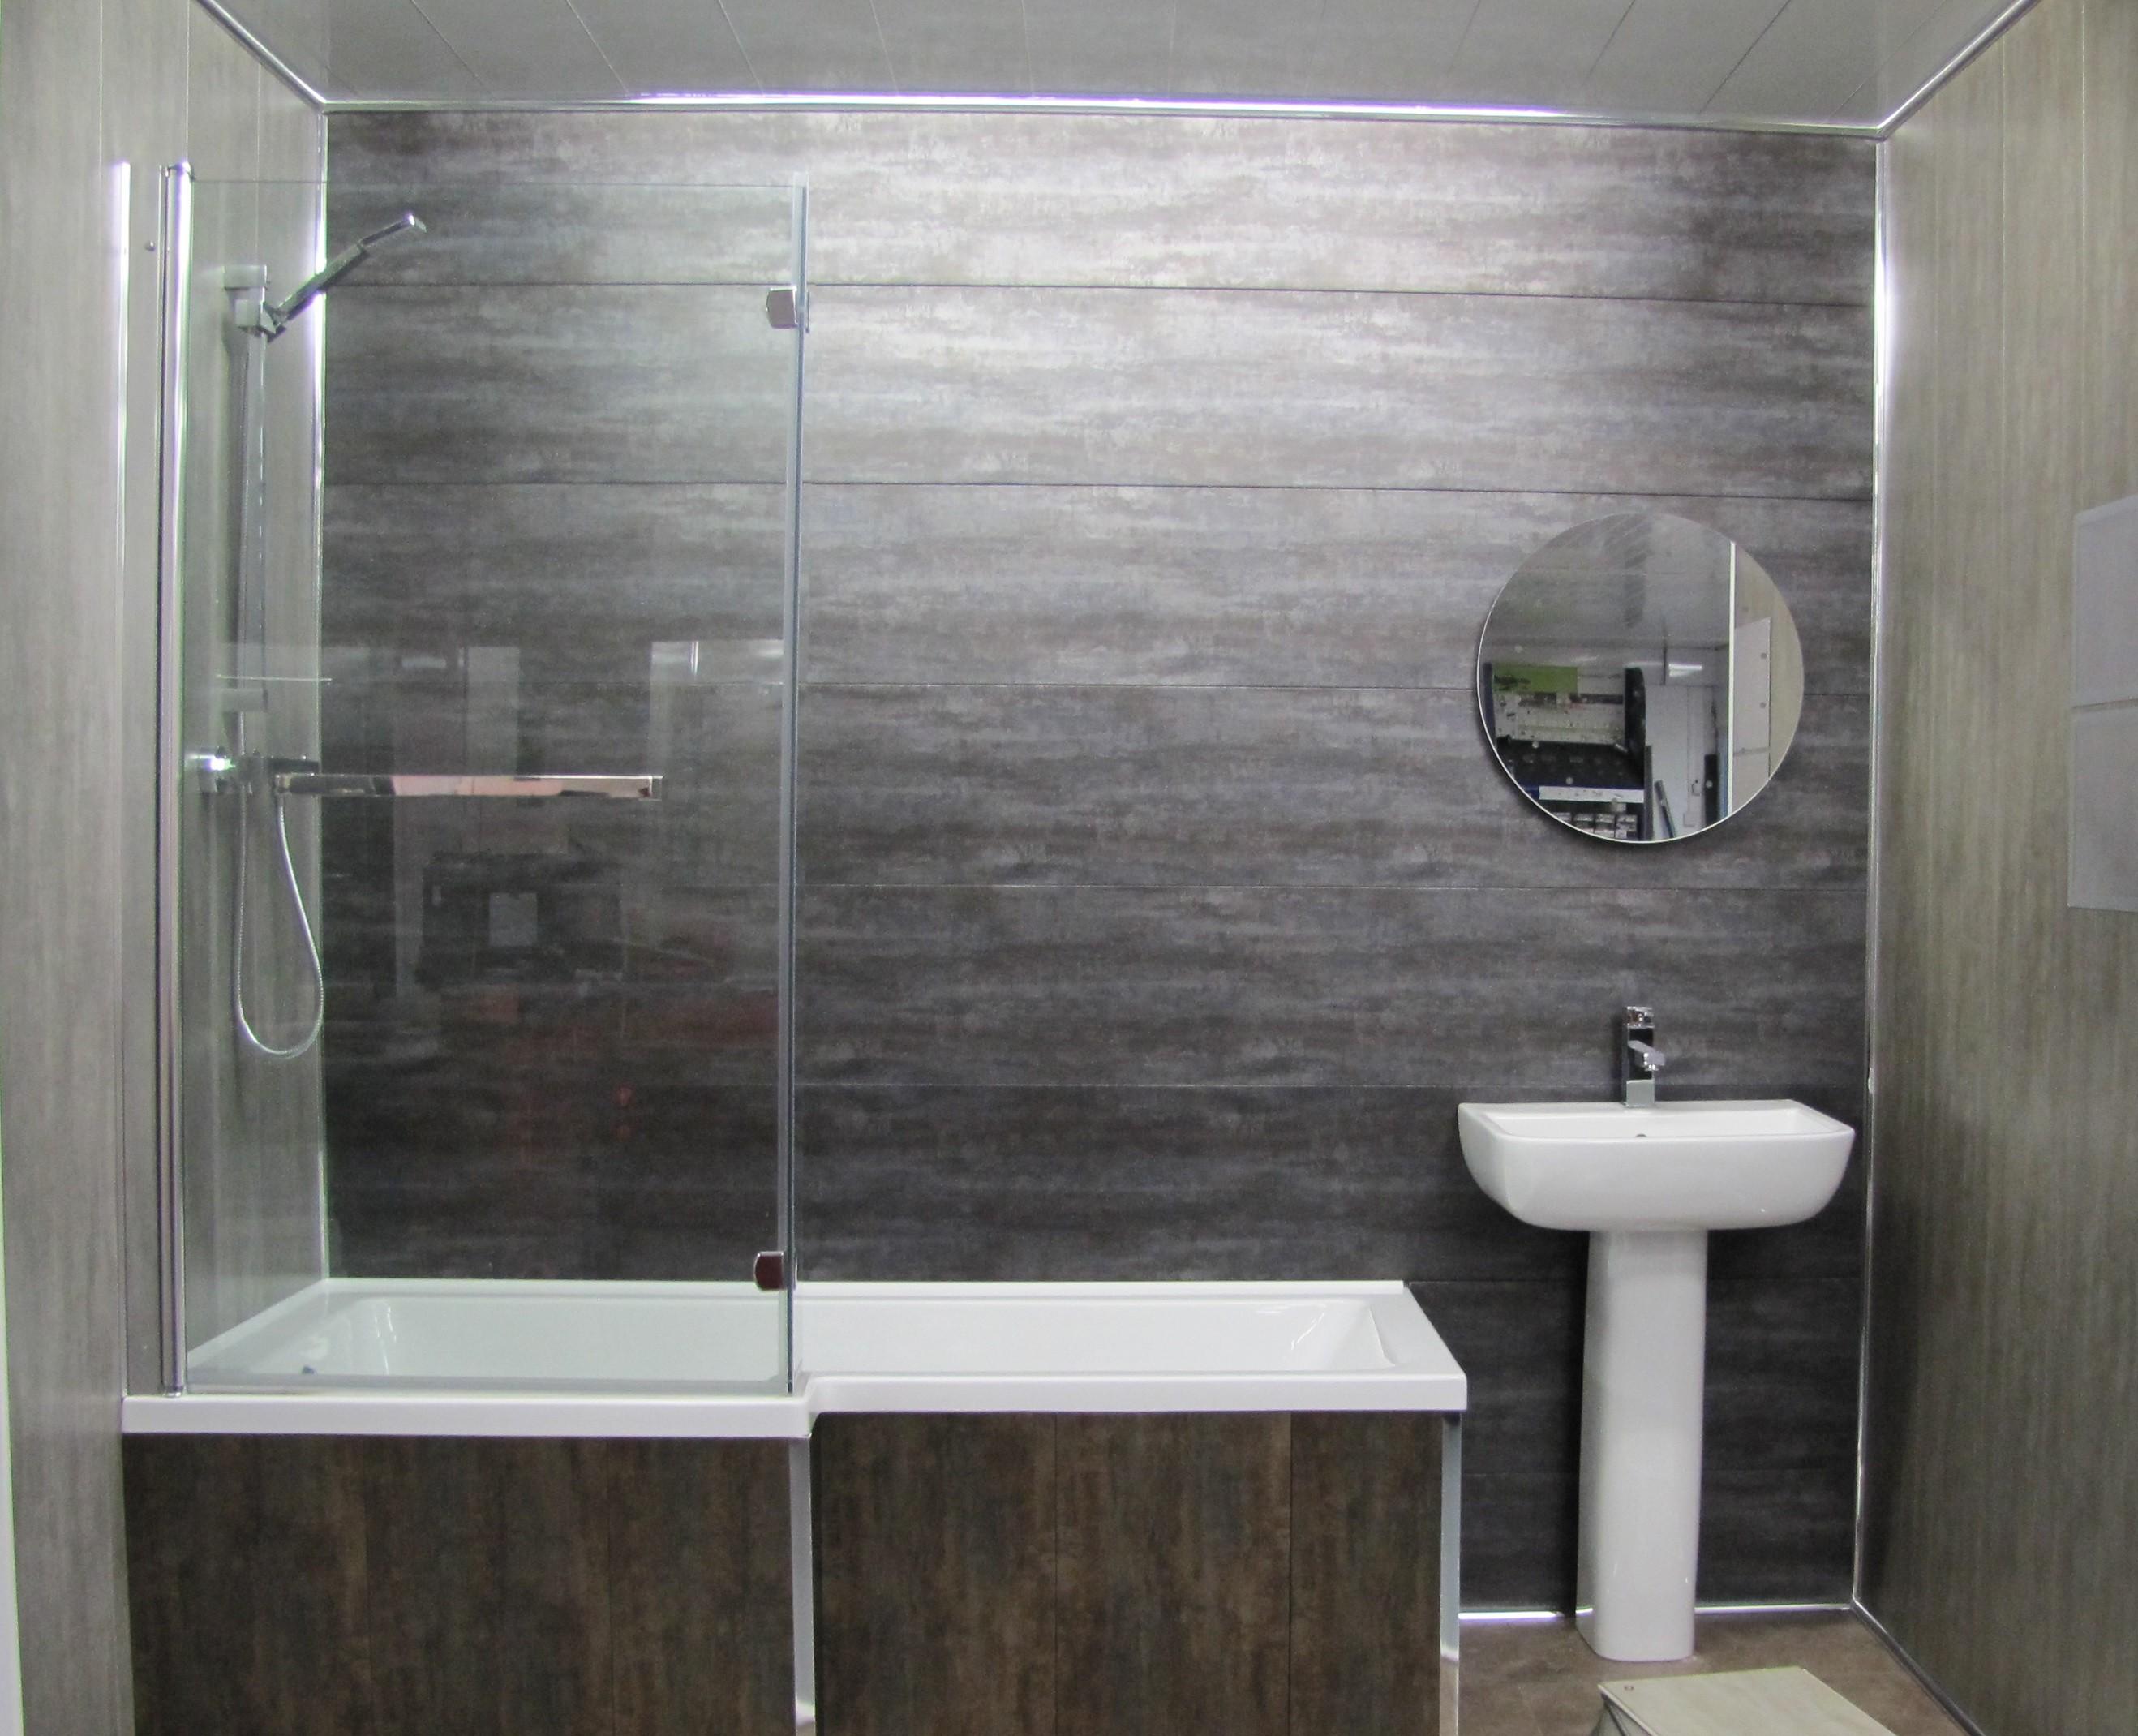 Bathroom wall panels Chromit WMNEEXY